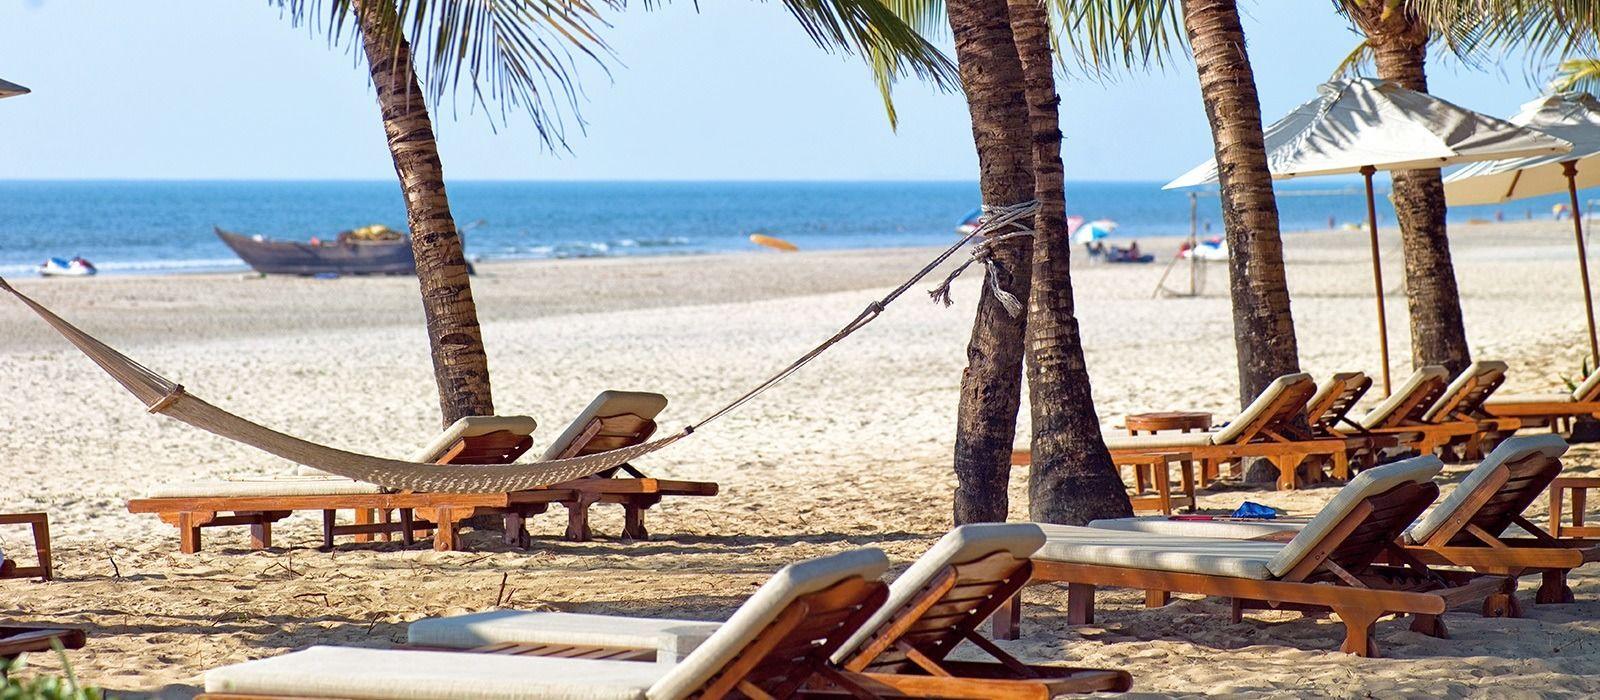 Indien: Goldenes Dreieck & Goa Urlaub 5